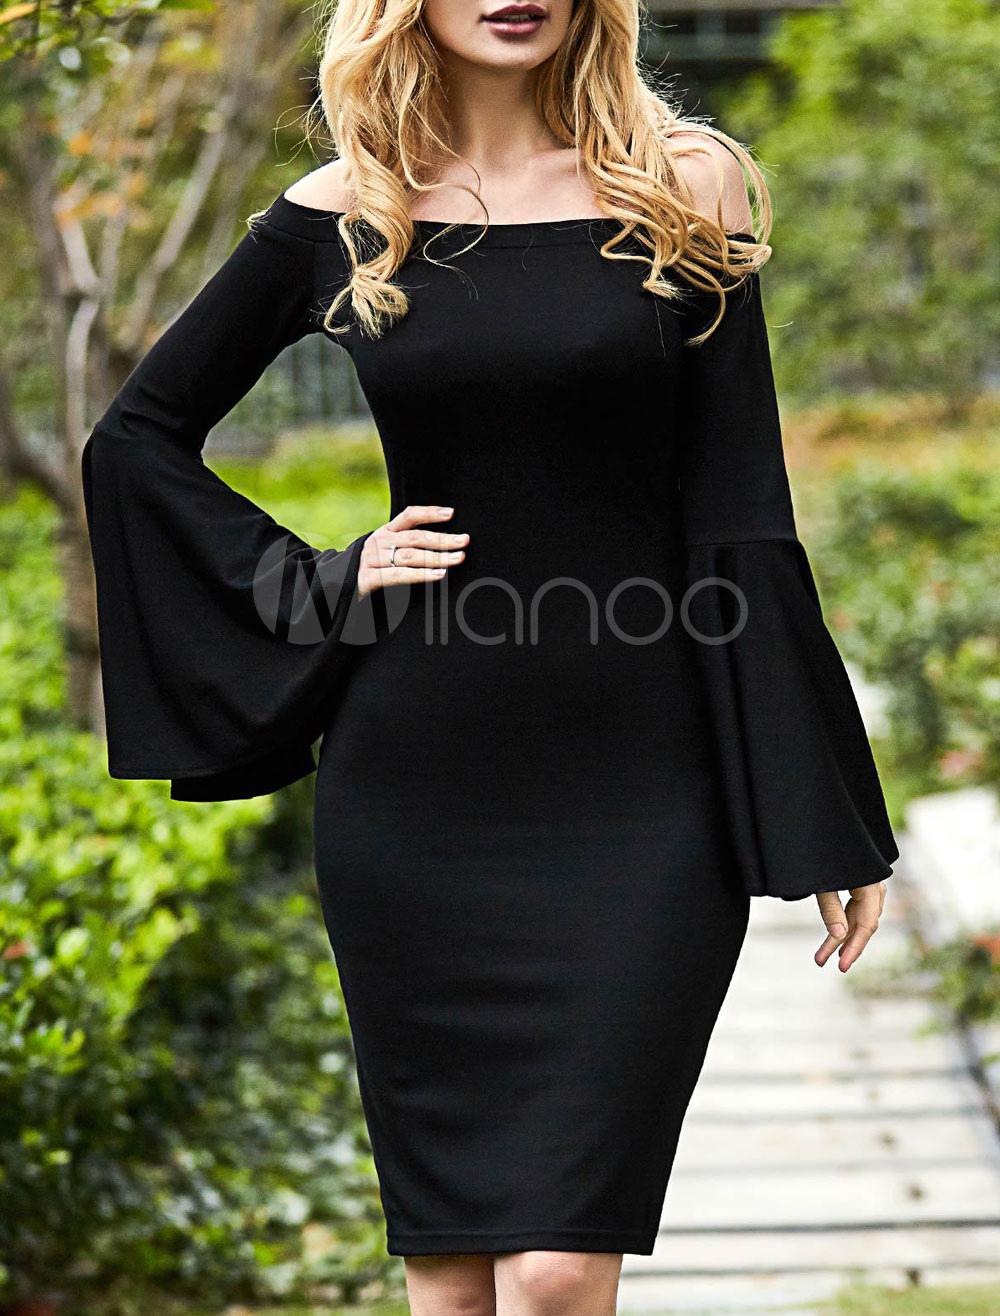 e09085e7a27e Abito aderente nero cotone con spalle scoperte maniche larghe maniche  lunghe Accessori non inclusi. donna ...